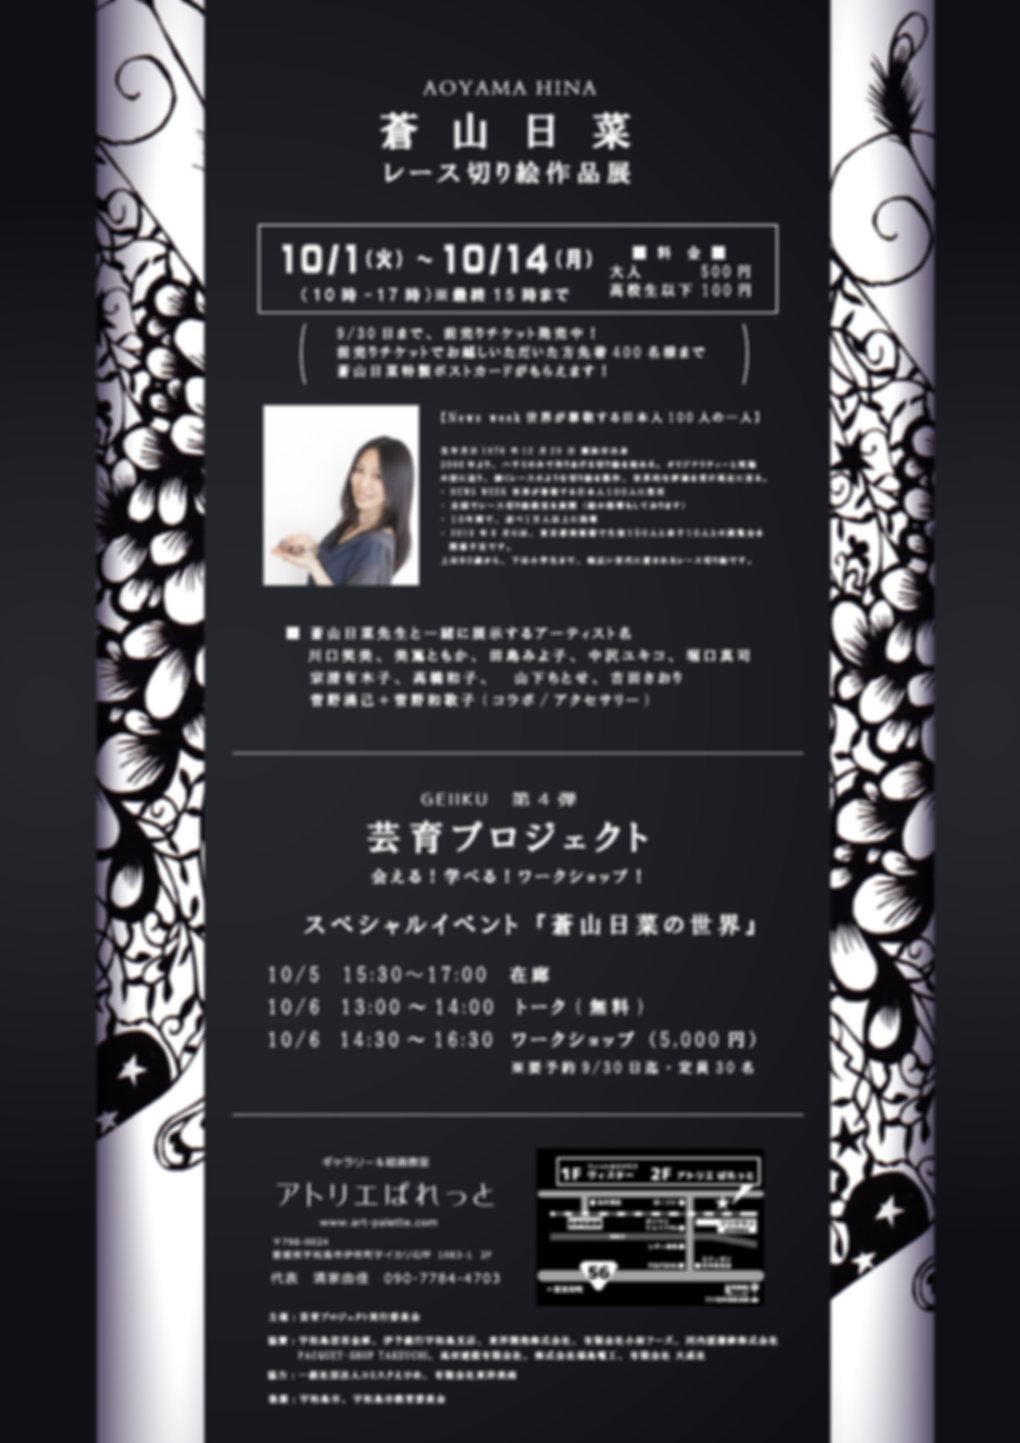 aoyamahina-AL0819.jpg